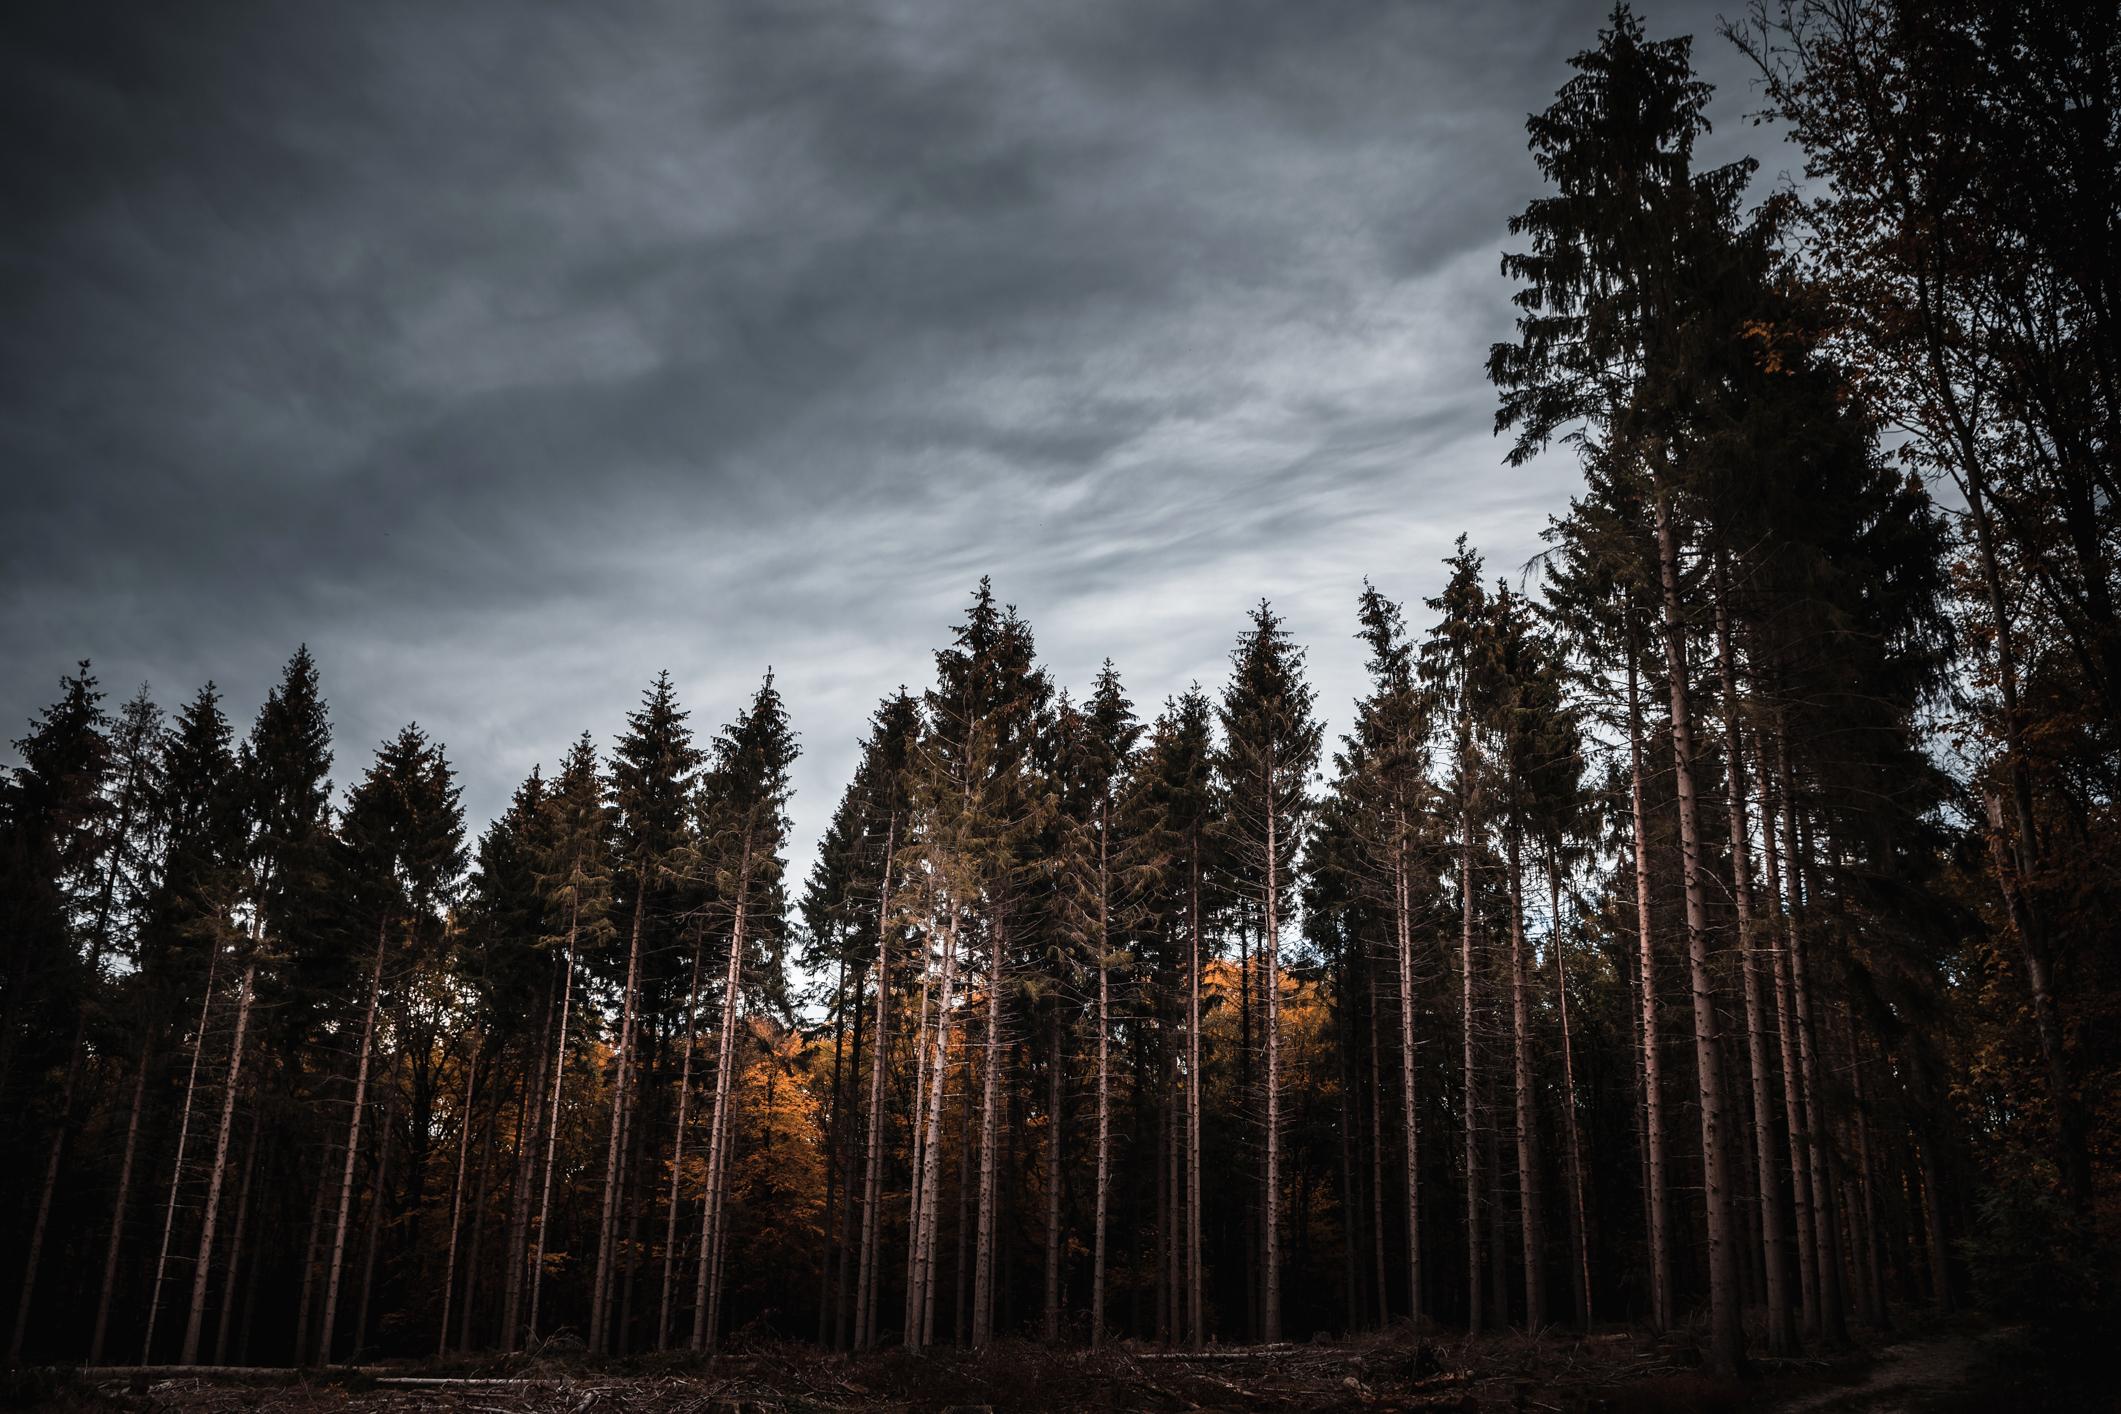 The deep, dark forest.